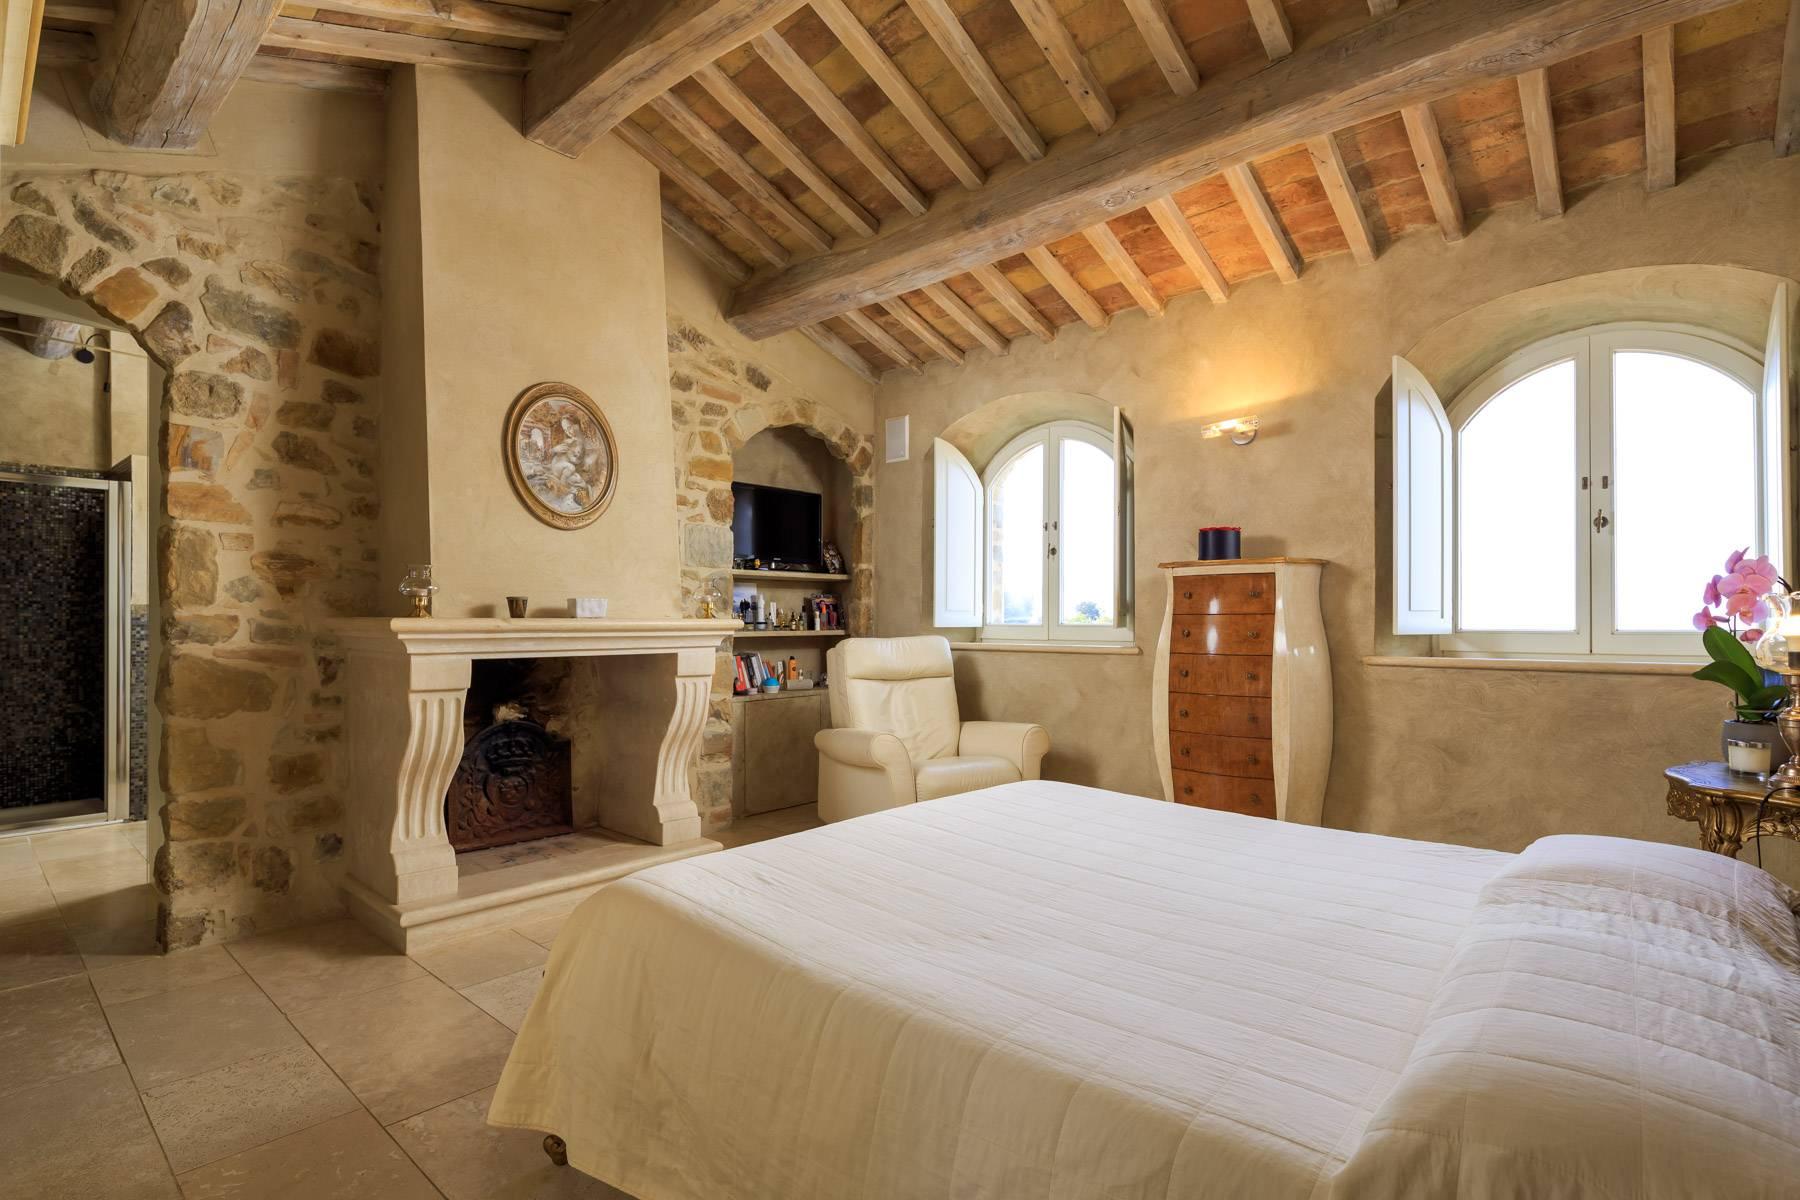 Rustico in Vendita a Montalcino: 5 locali, 300 mq - Foto 14